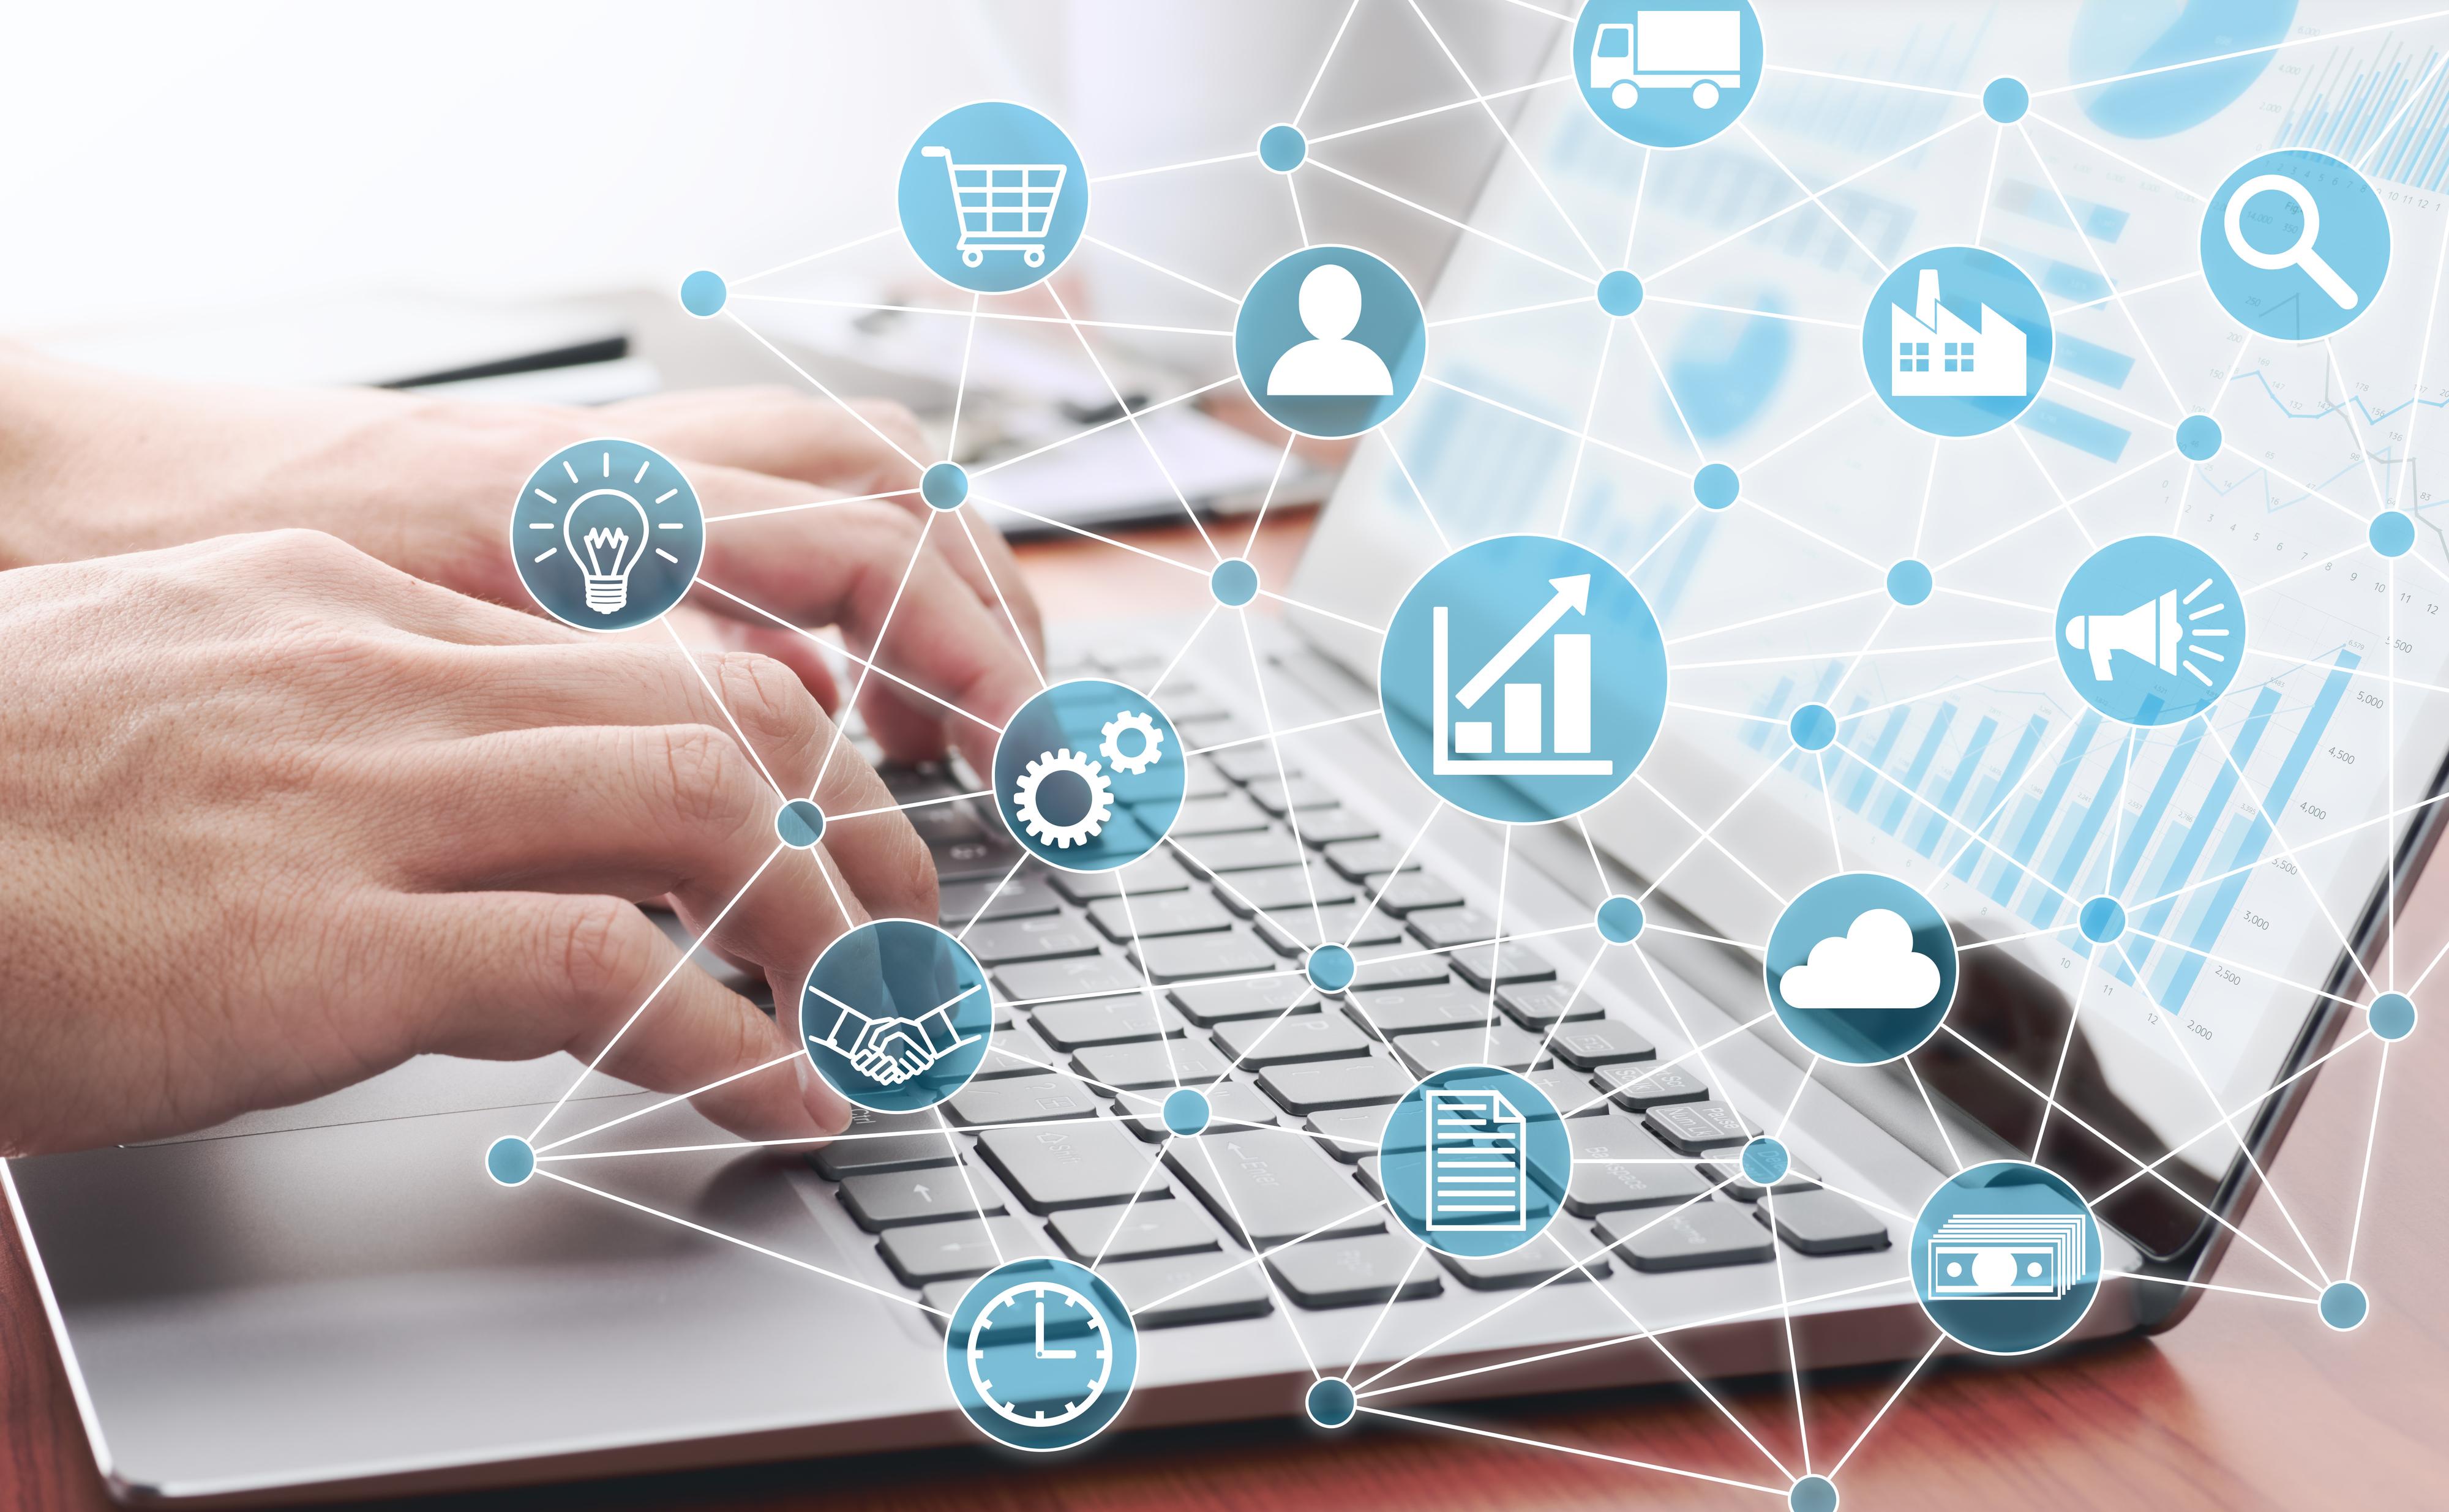 業務平準化のカギは「可視化」!システムを使って業務効率化を目指す ...